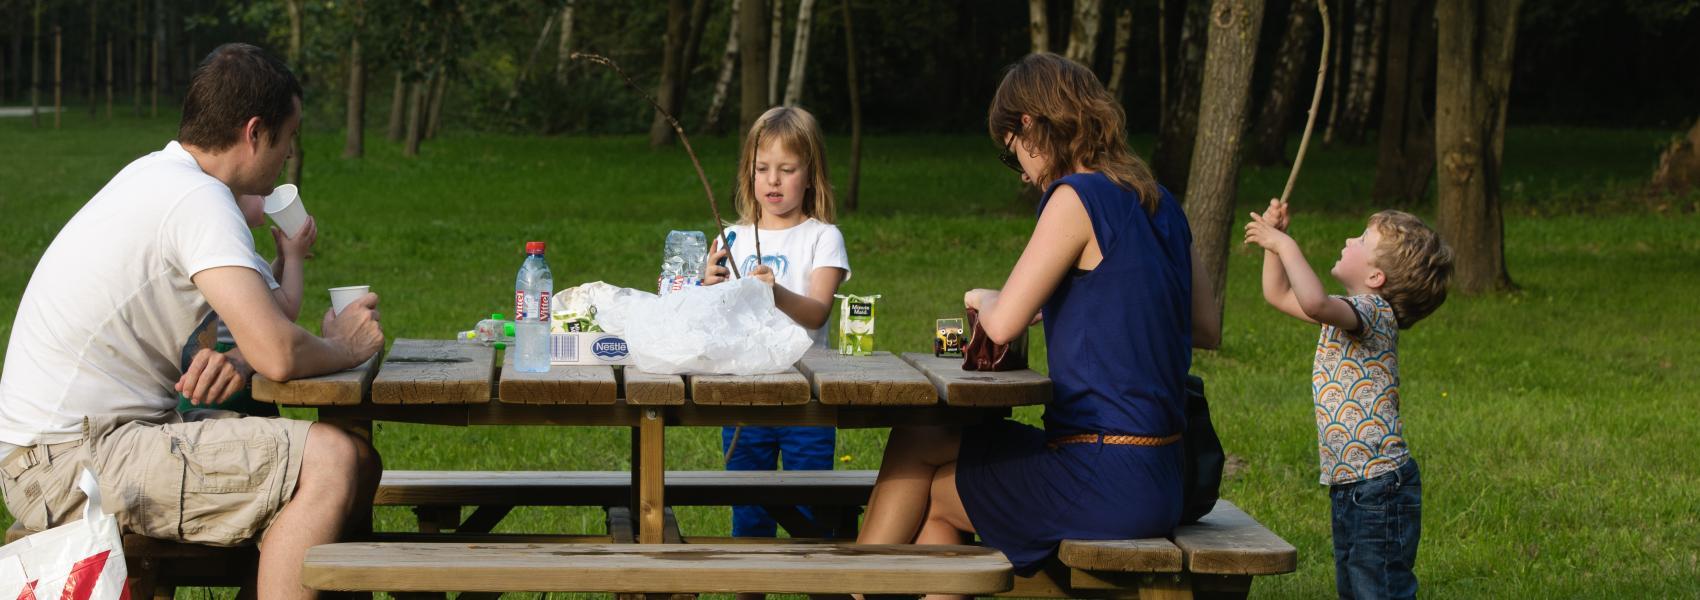 gezin op een picknickbankje